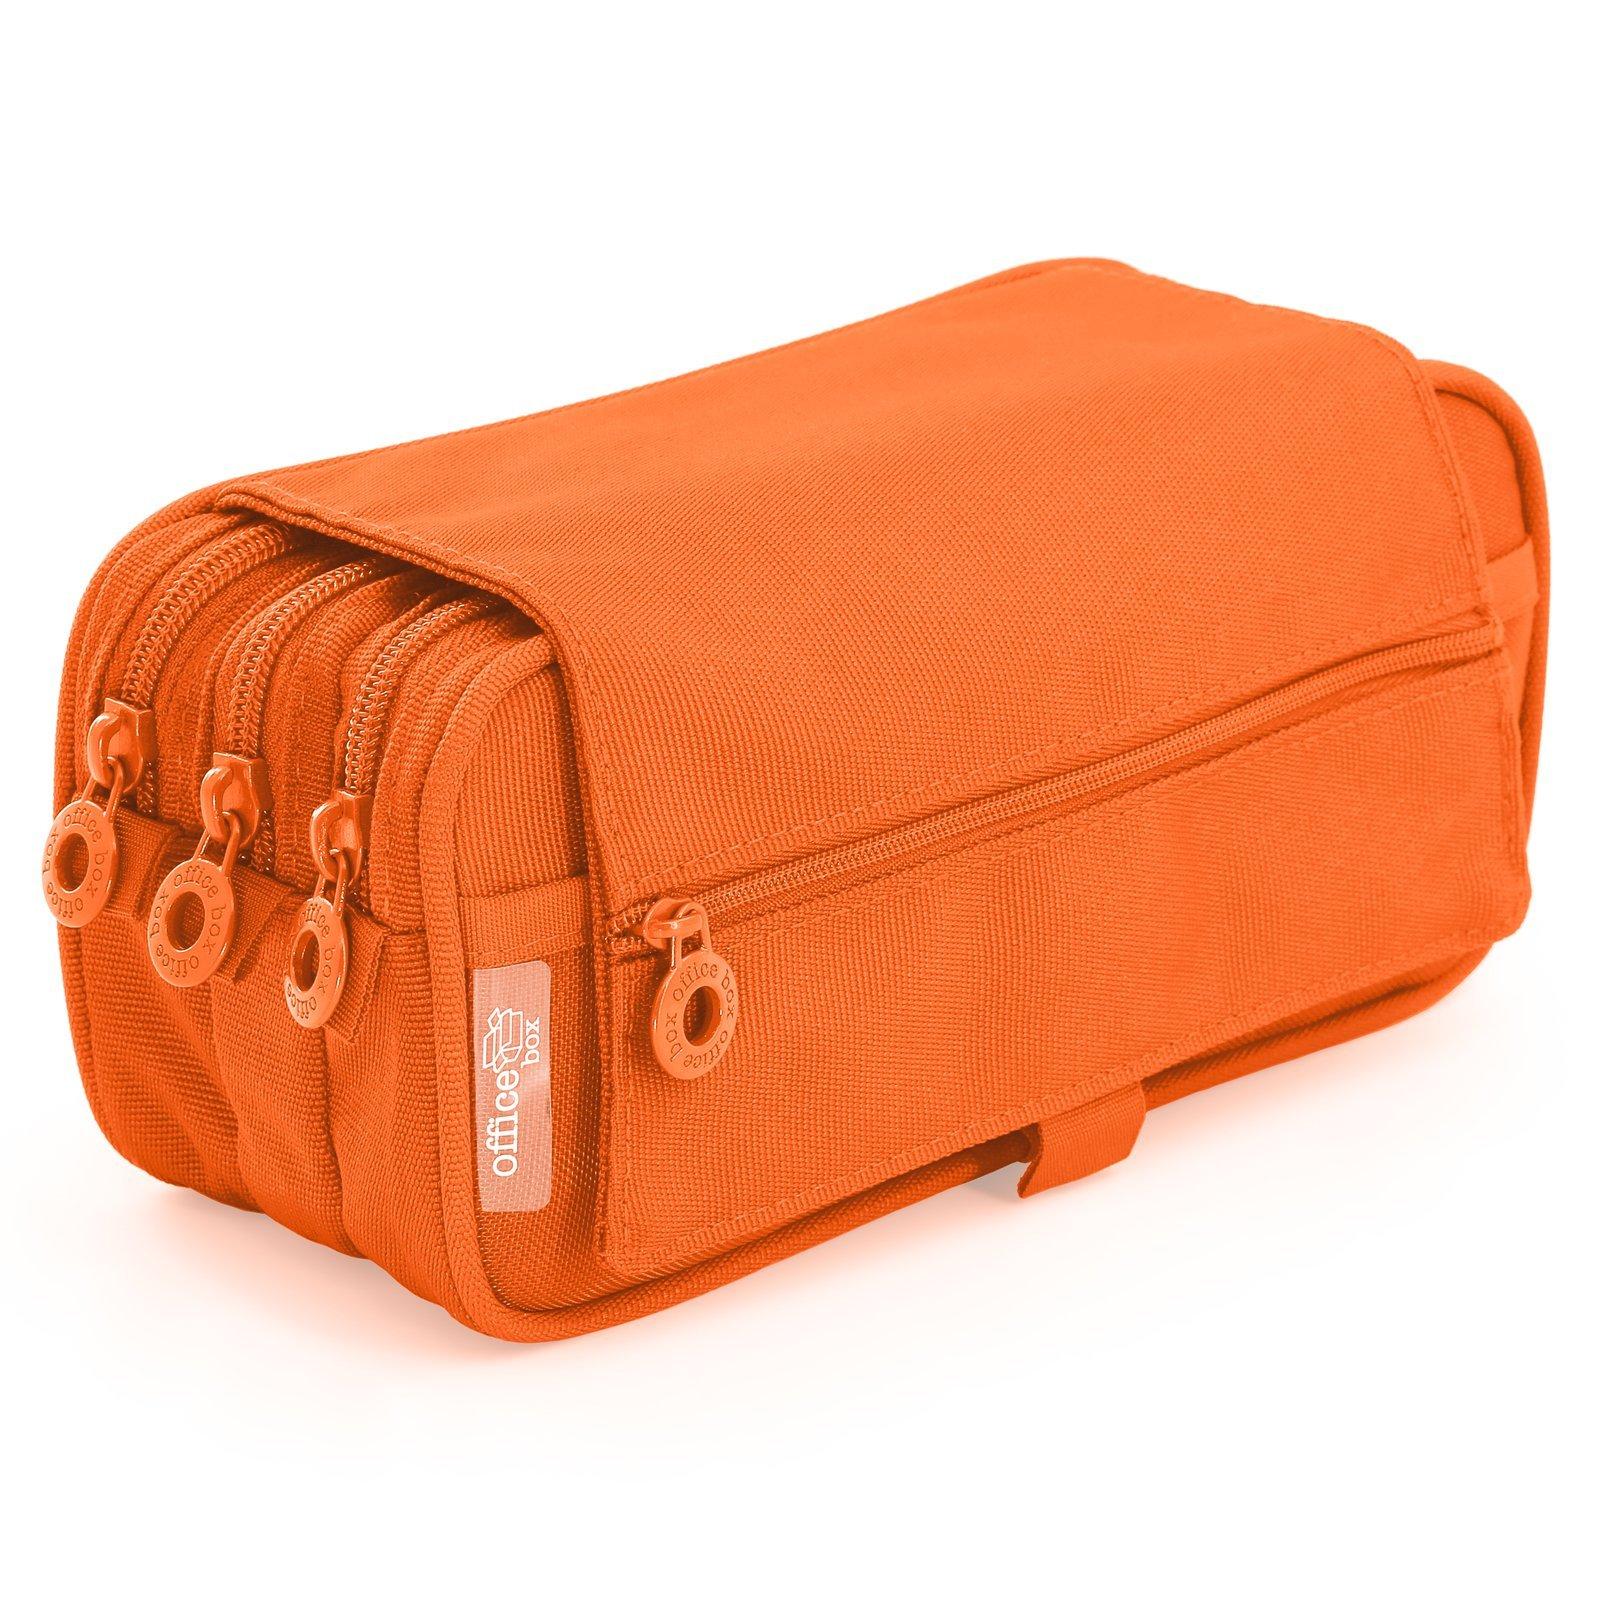 Estuche Portatodo Triple de Amplios Apartados Interiores con Cierre de Cremallera Individual (Naranja): Amazon.es: Oficina y papelería